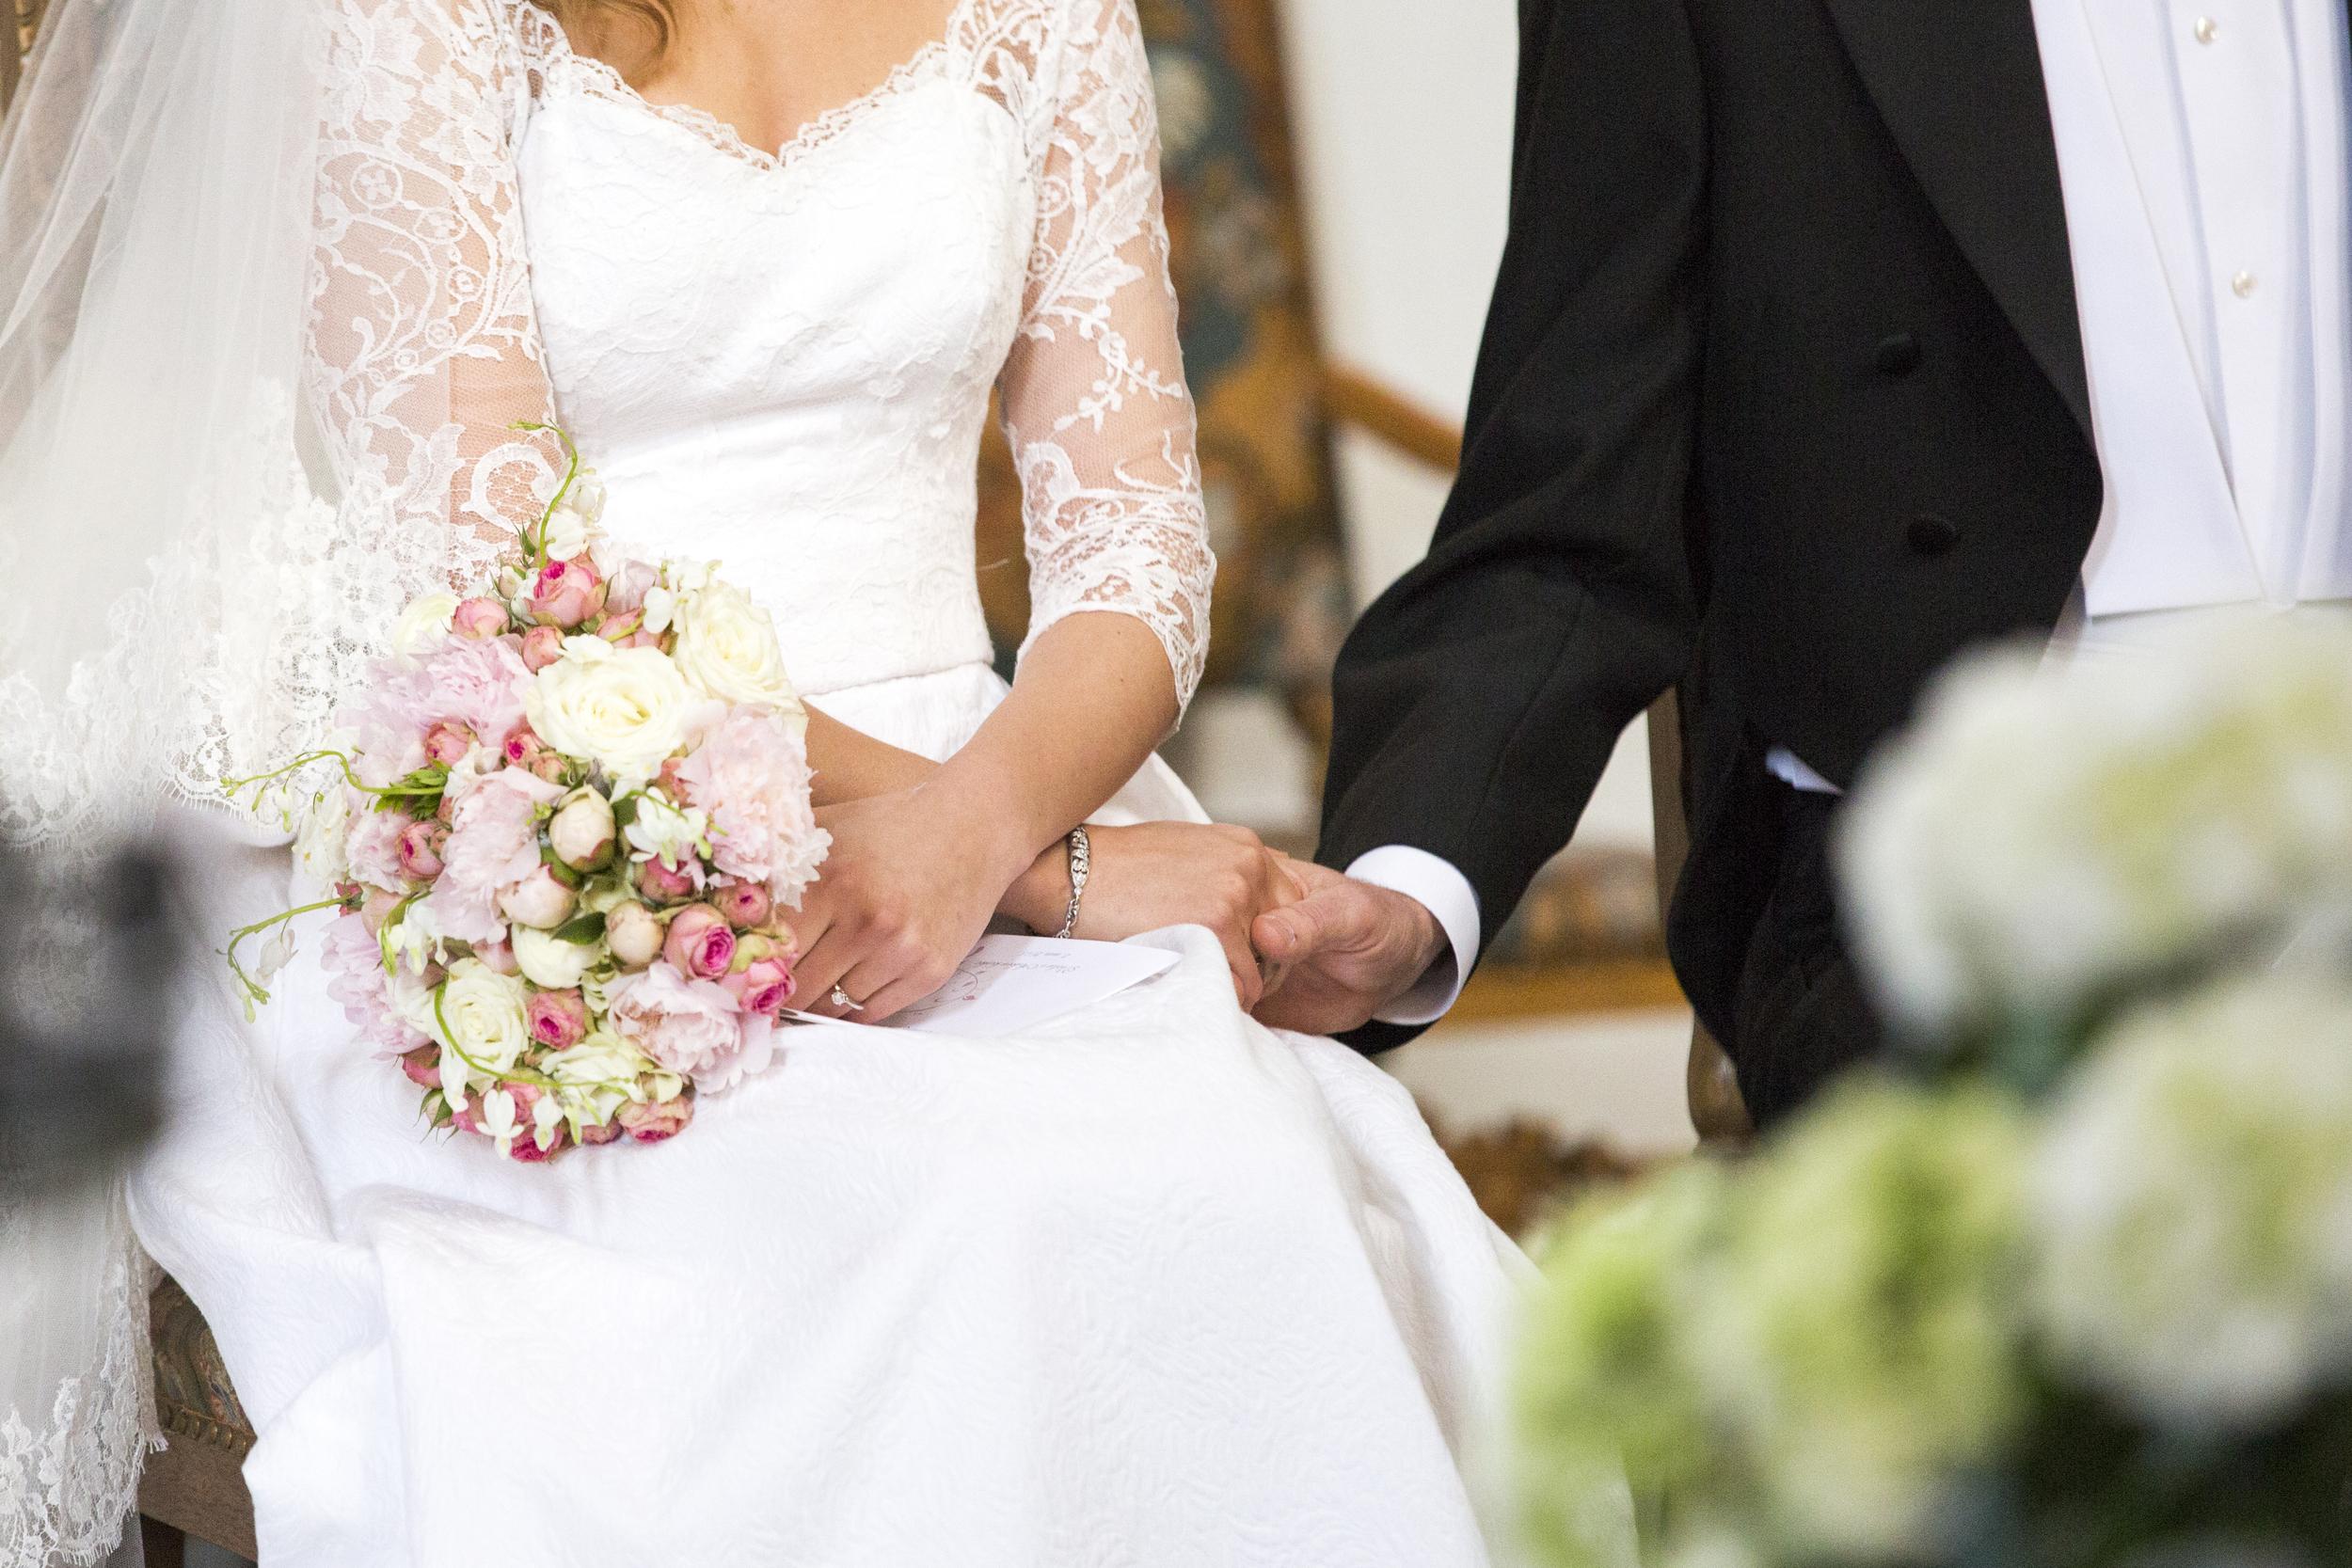 Bryllupsbilde - tatt av fotograf Karina Rønning